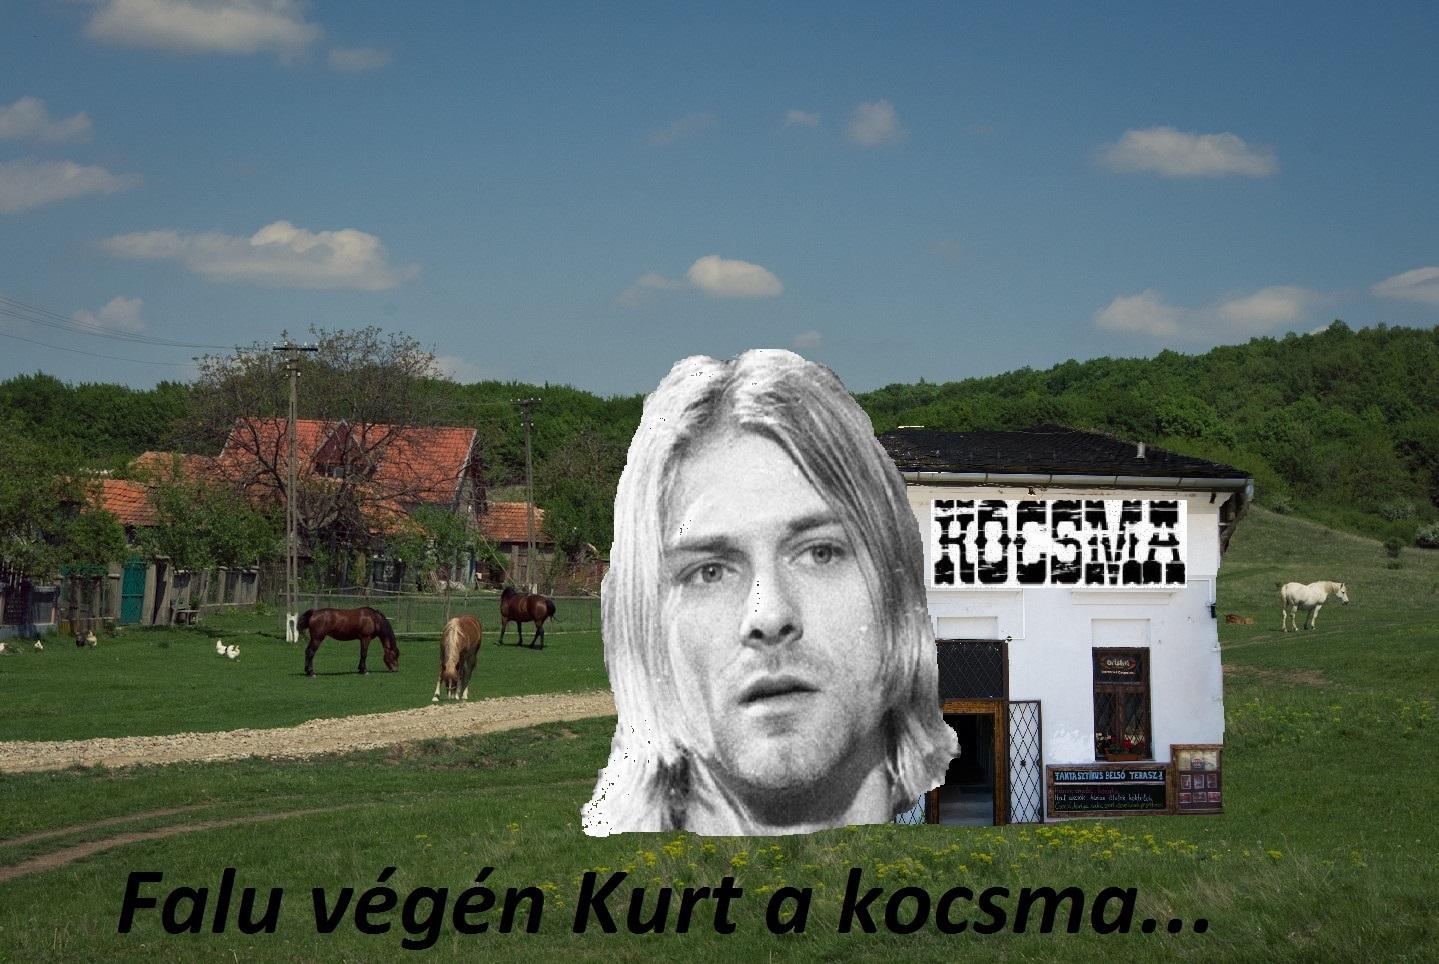 kurt_a_kocsma.jpg